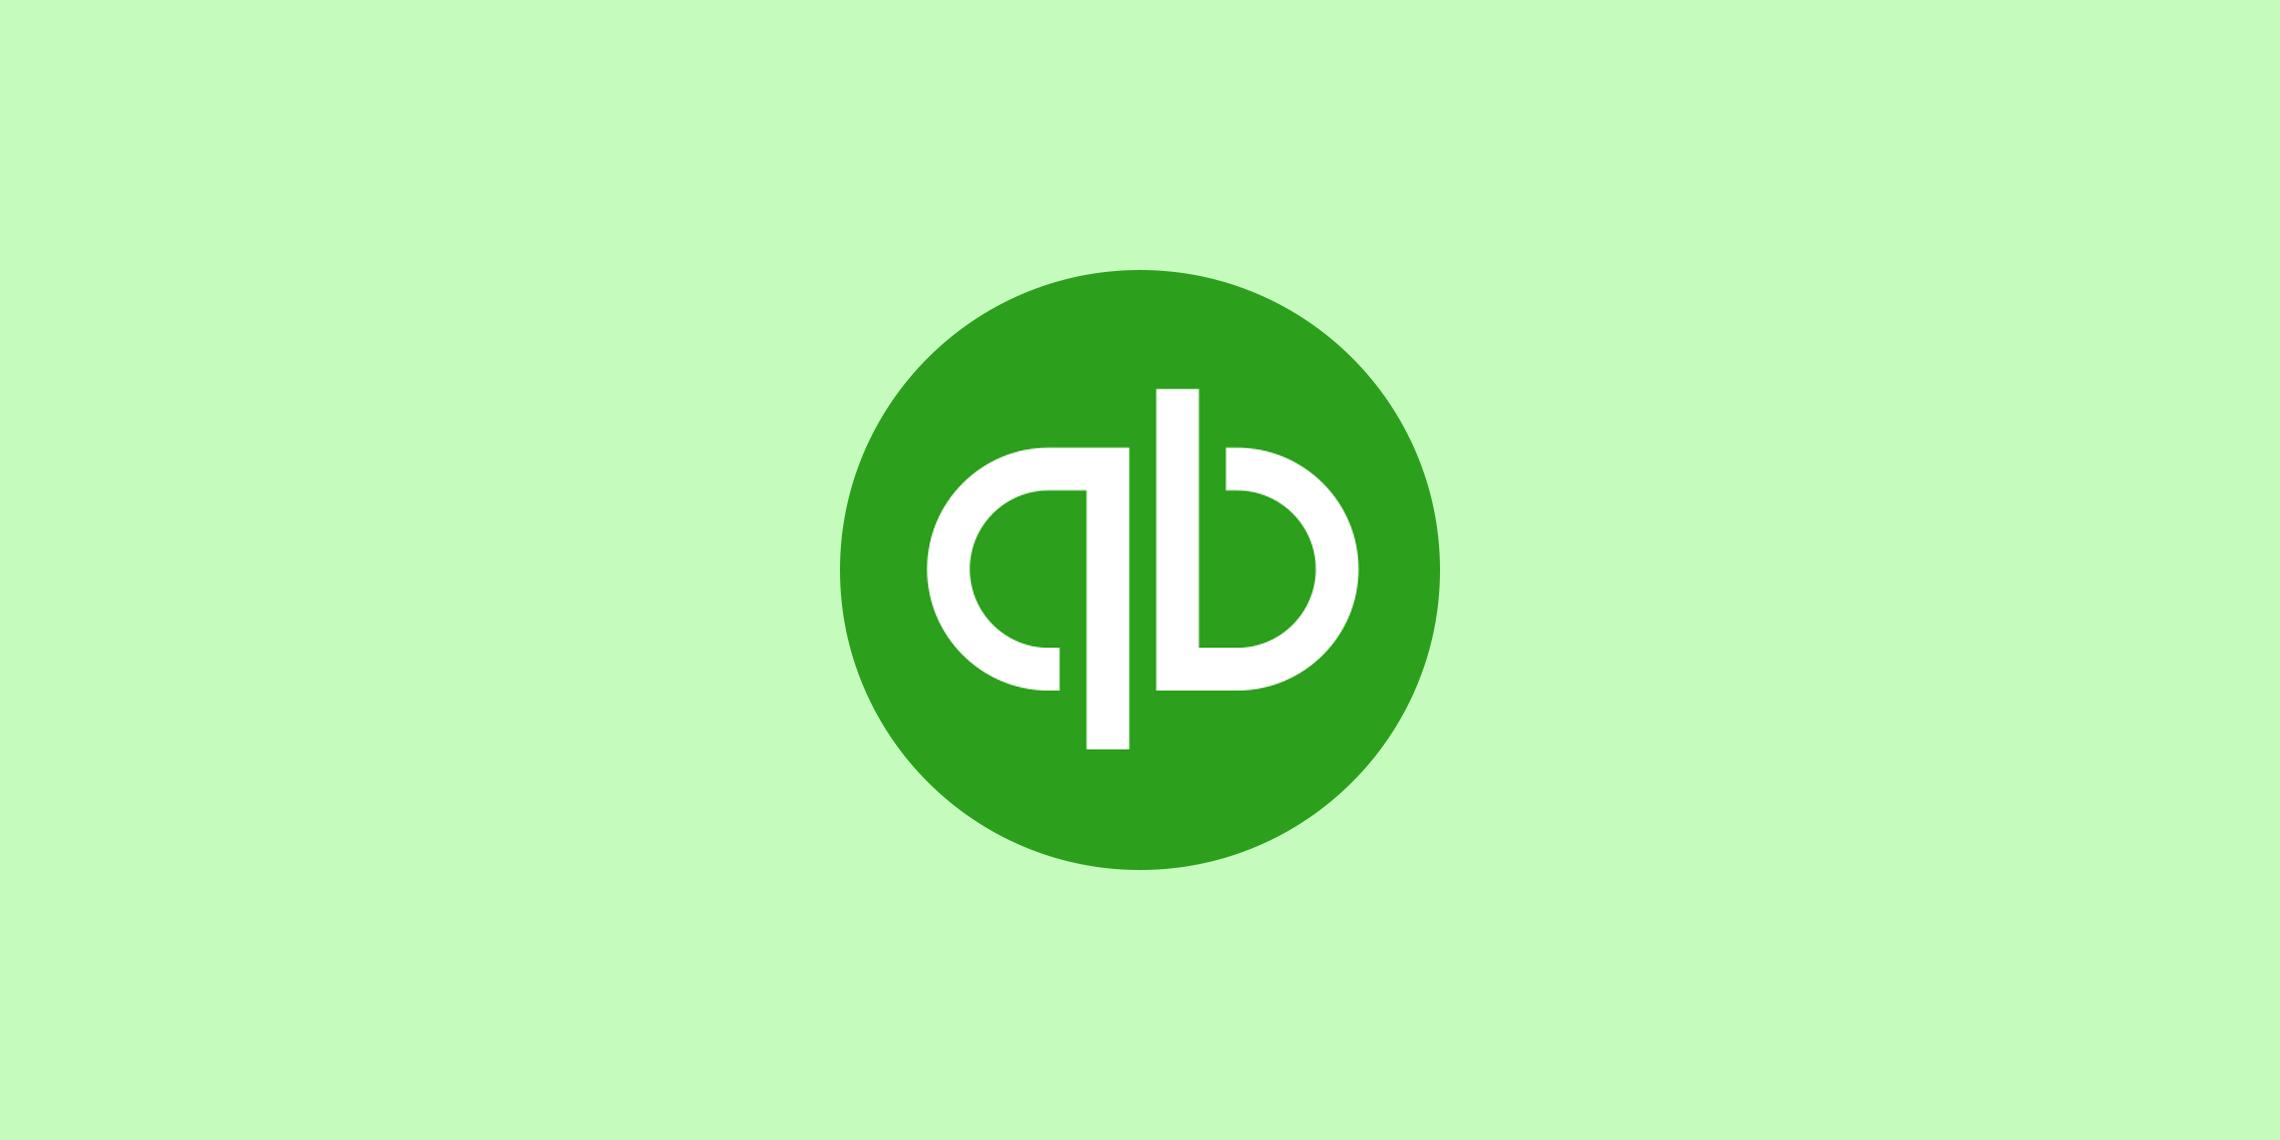 Auto-Align and QuickBooks